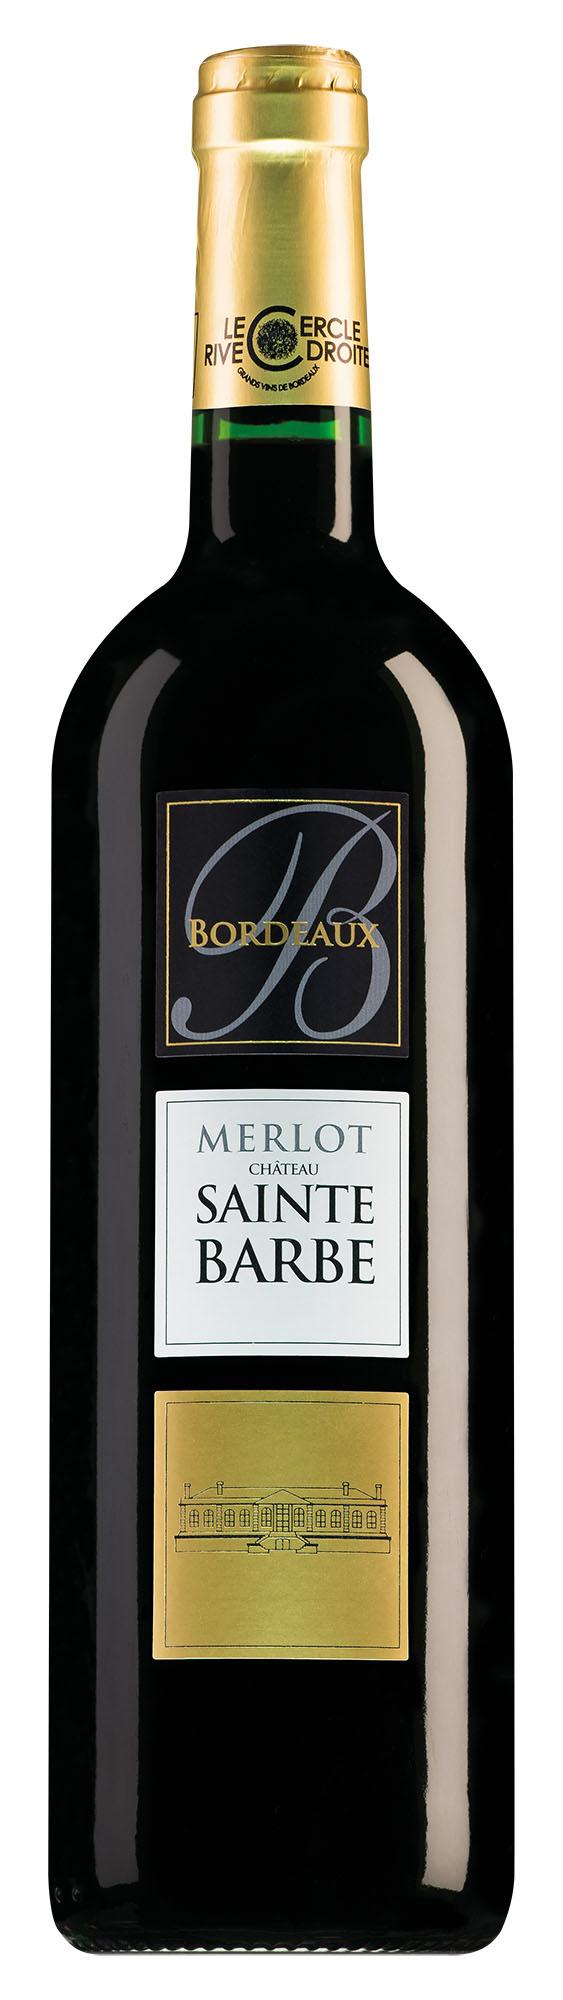 Château Sainte Barbe Bordeaux Merlot